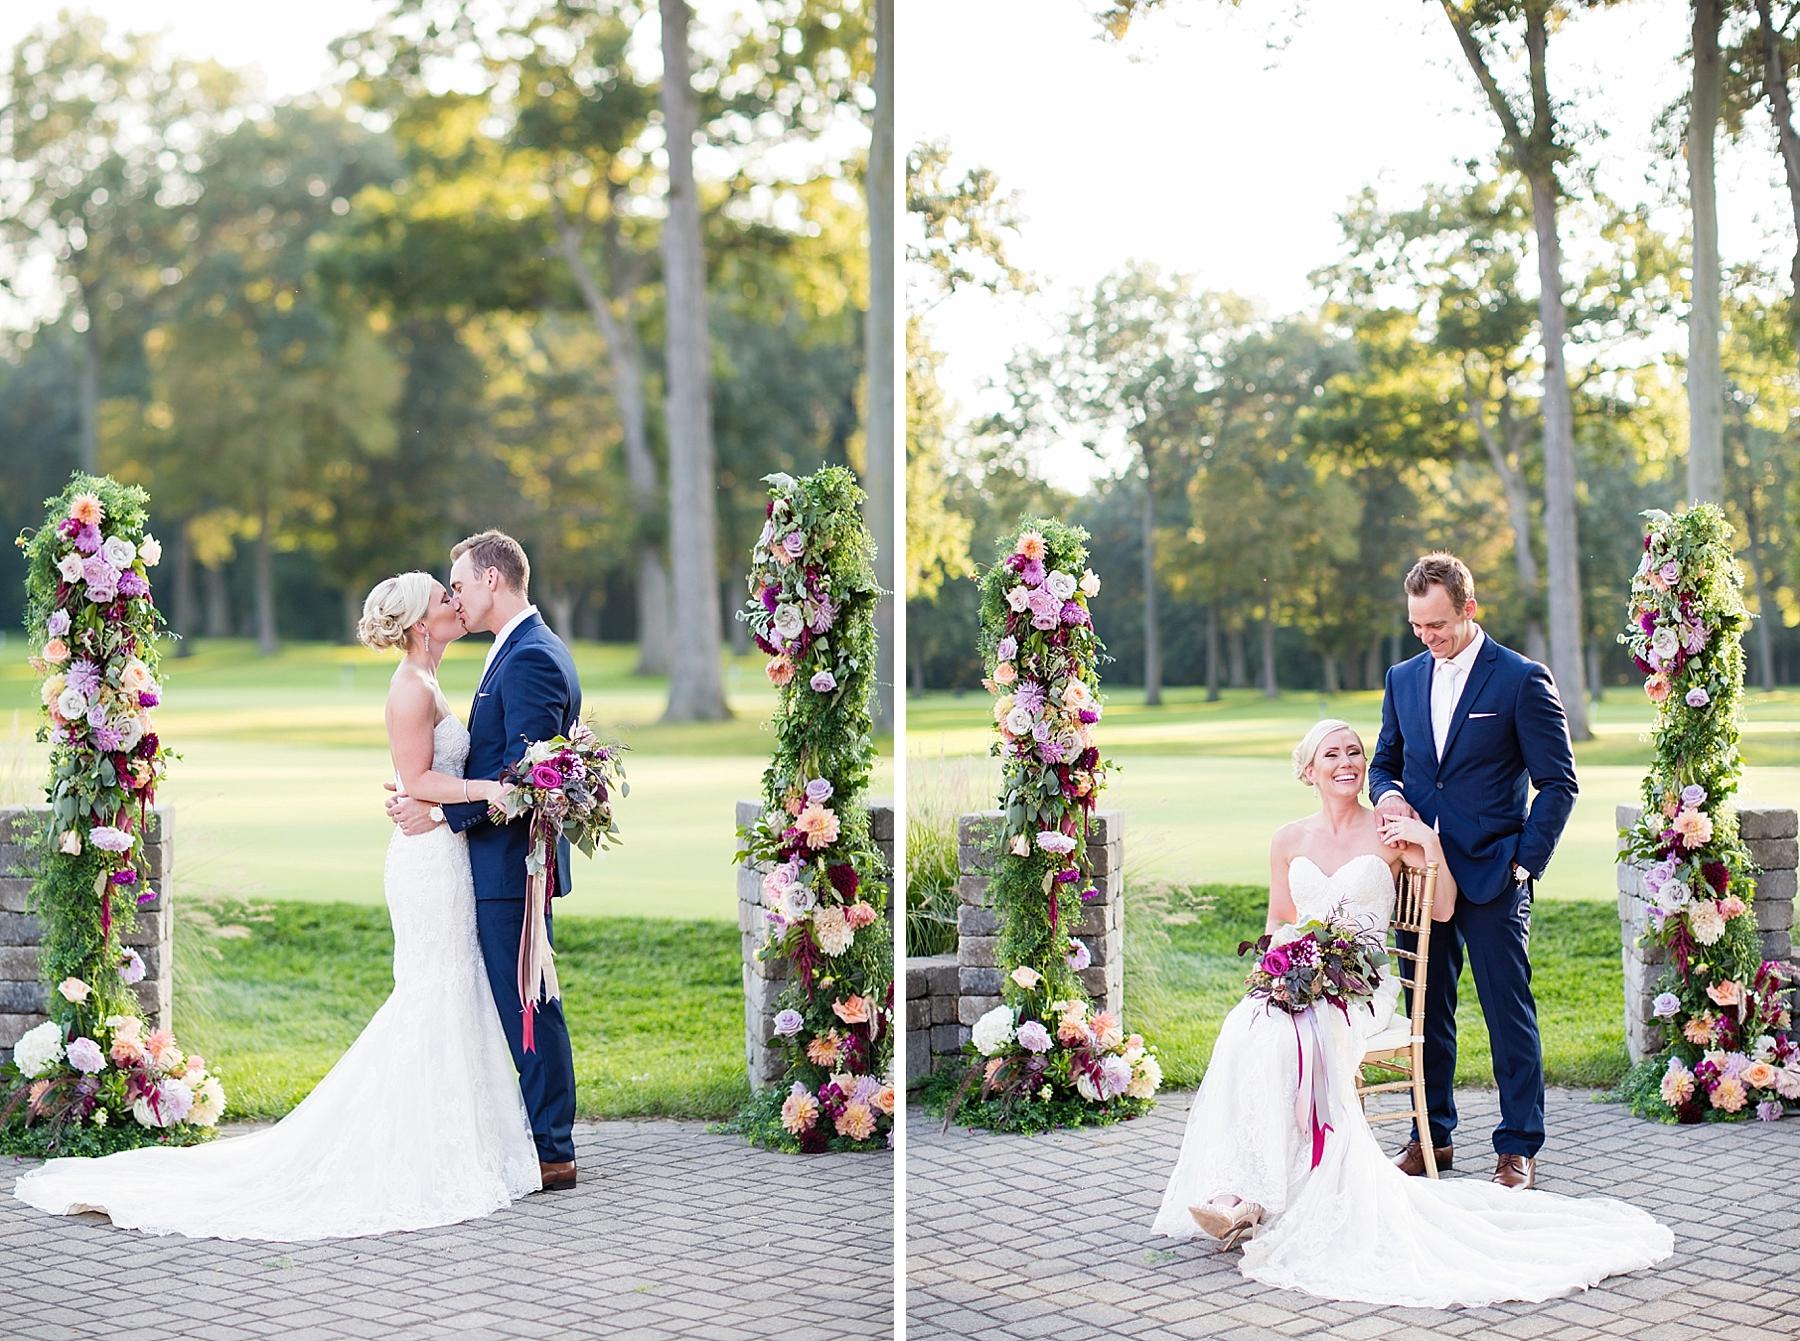 windsor-wedding-photographer-essex-golf-country-club-wedding-eryn-shea-photography_0061.jpg